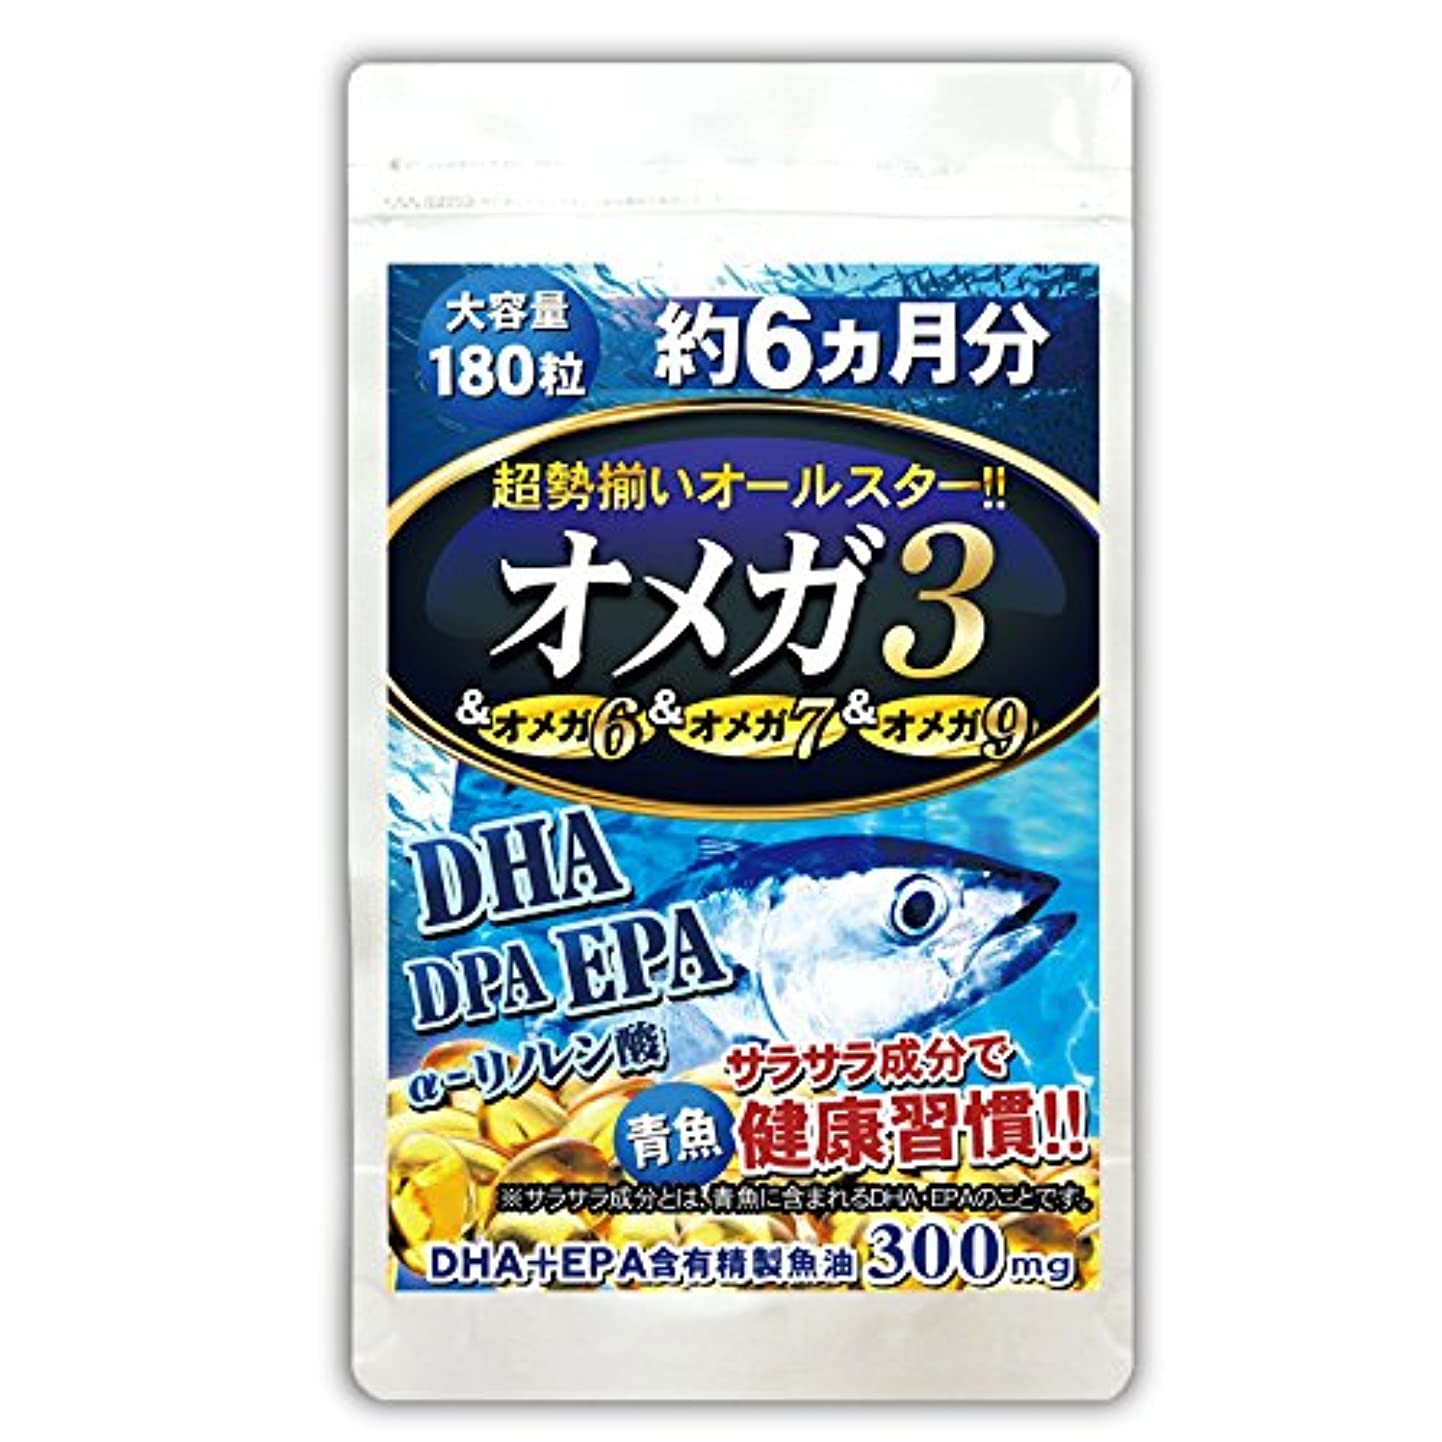 郵便物干渉する君主(約6ヵ月分/180粒)DHA+EPA+DPA+α-リノレン酸の4種オメガ3をまとめて!超勢揃いオールスターオメガ